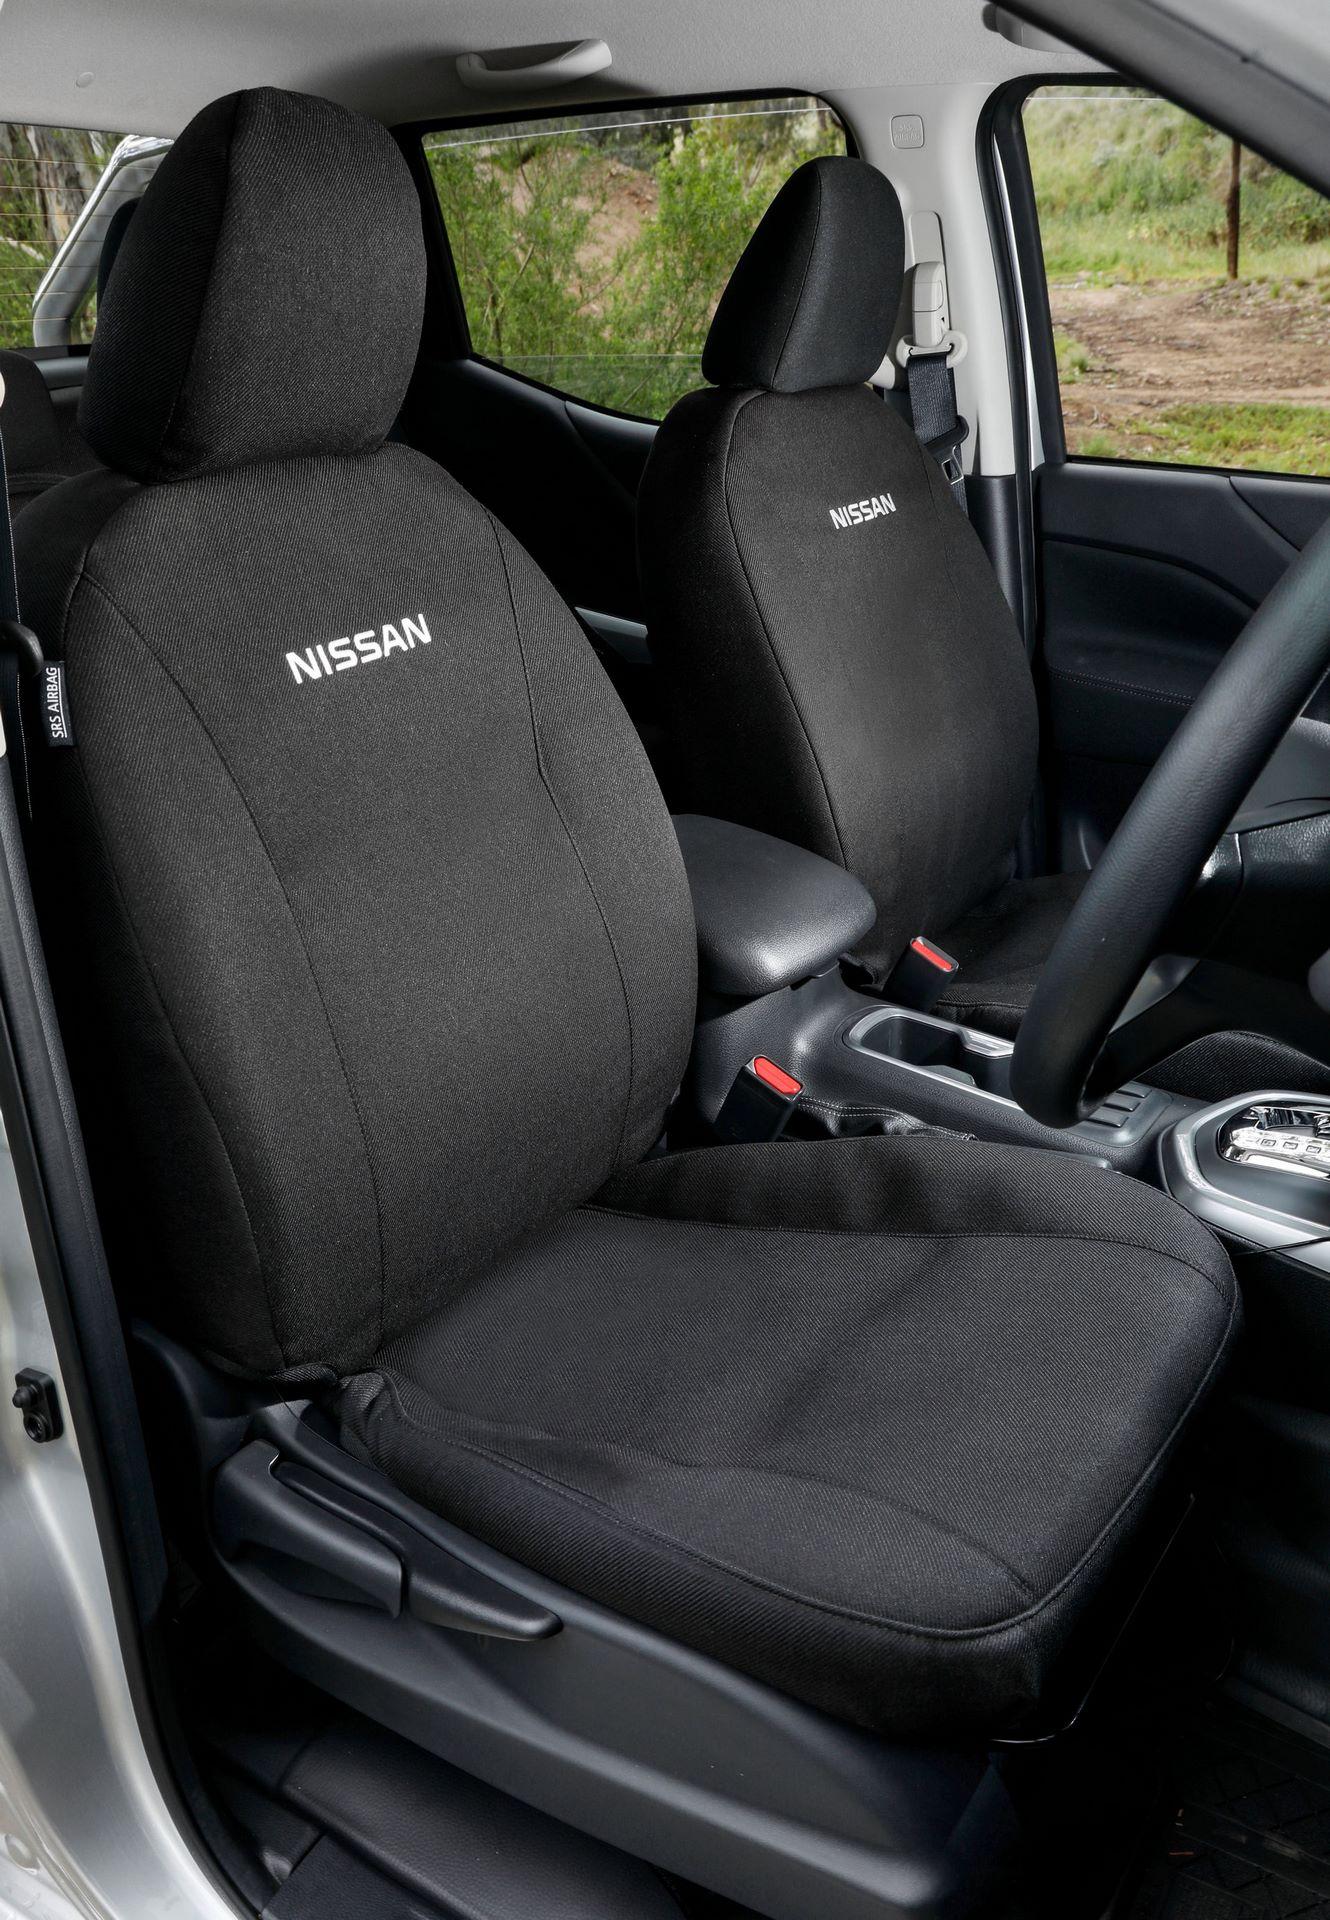 Nissan-Navara-2021-10-2